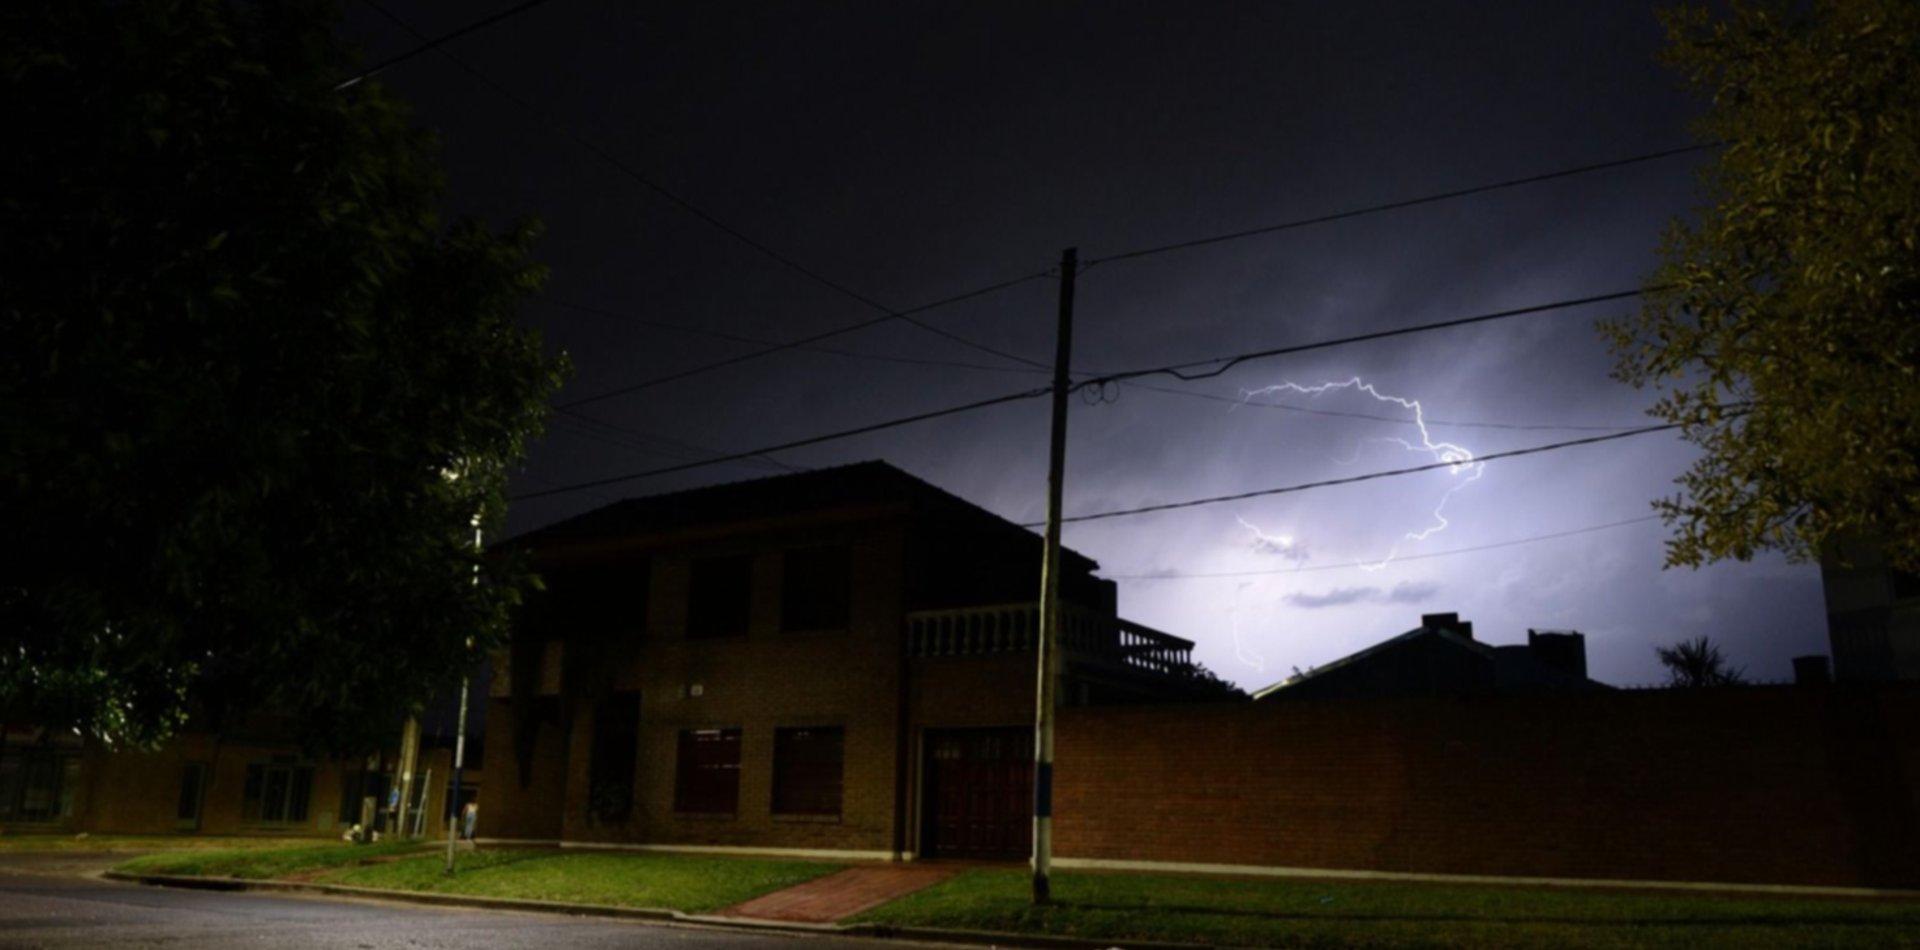 ¿Pasó la tormenta? Así estará el clima durante toda la semana en La Plata